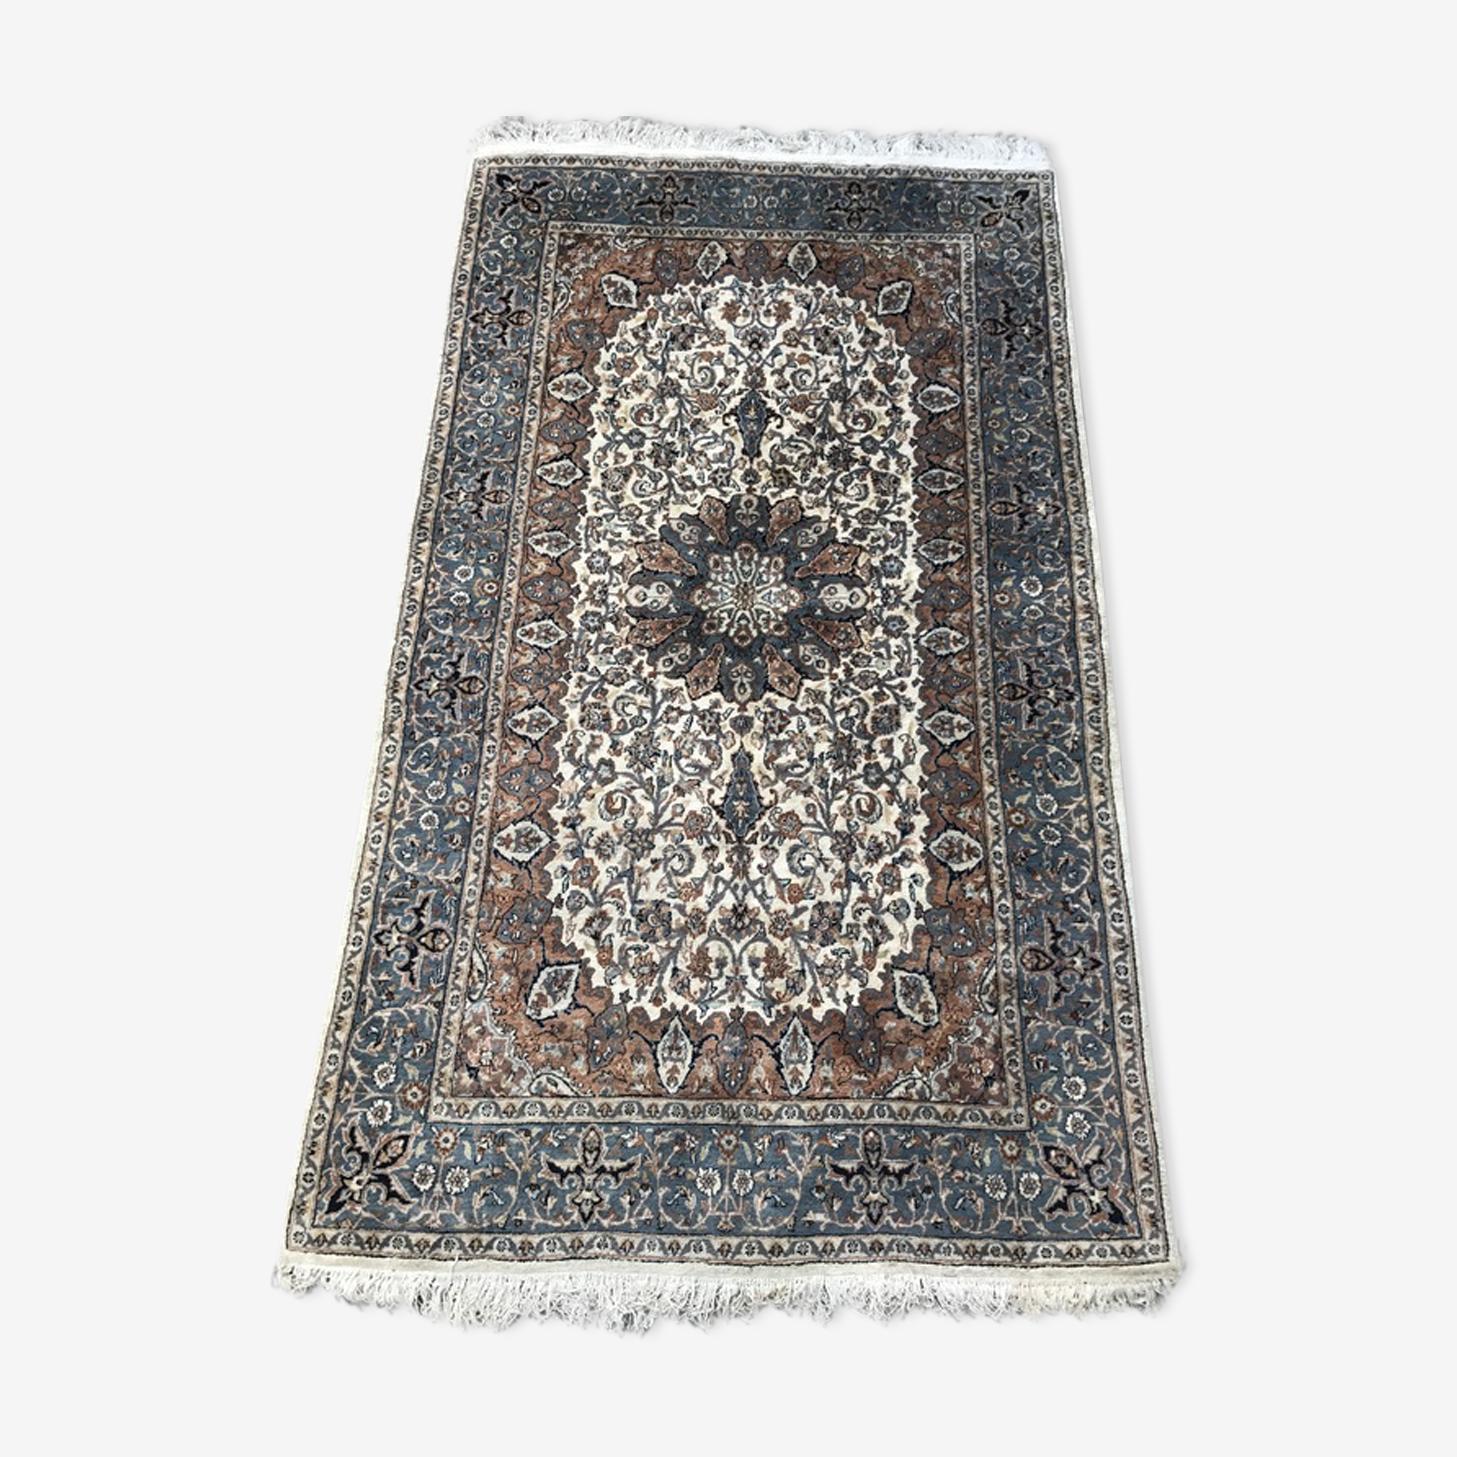 Tapis d'orient Punjab Inde laine et soie fait main 153X258 cm